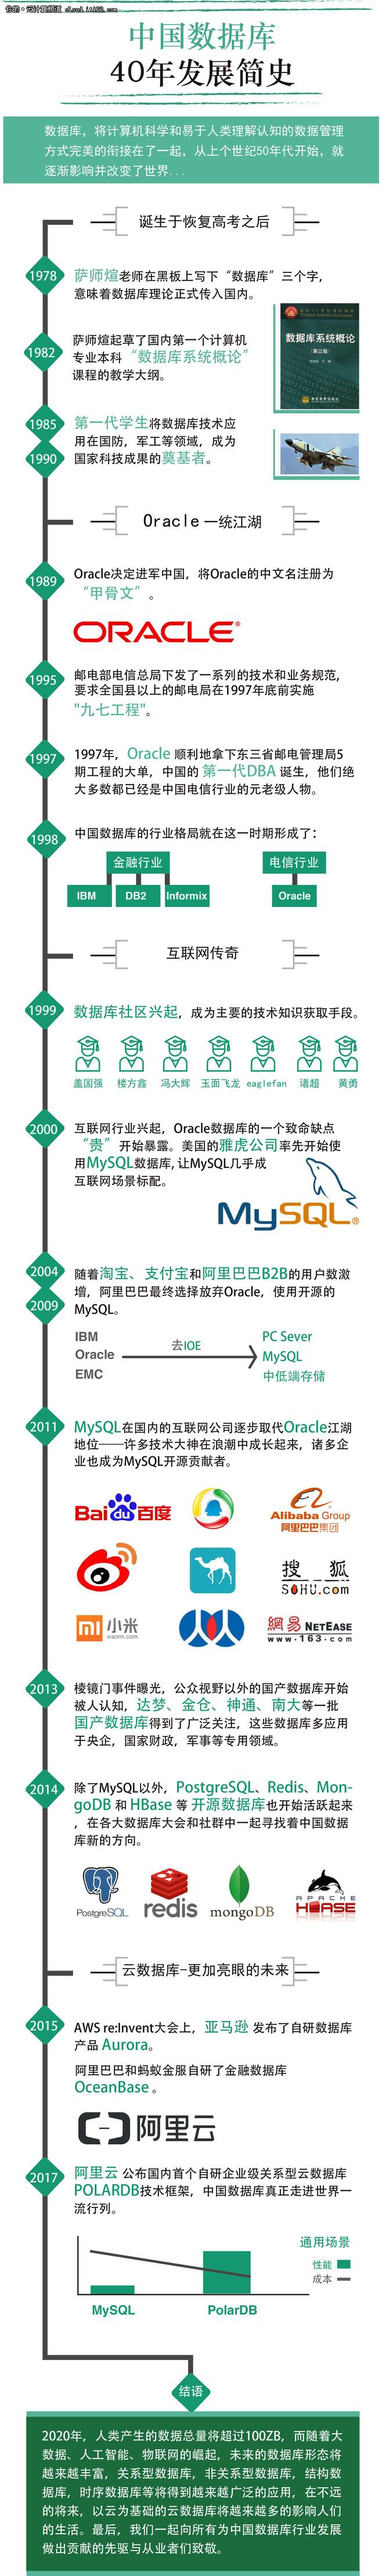 一图秒懂中国数据库的40年发展简史